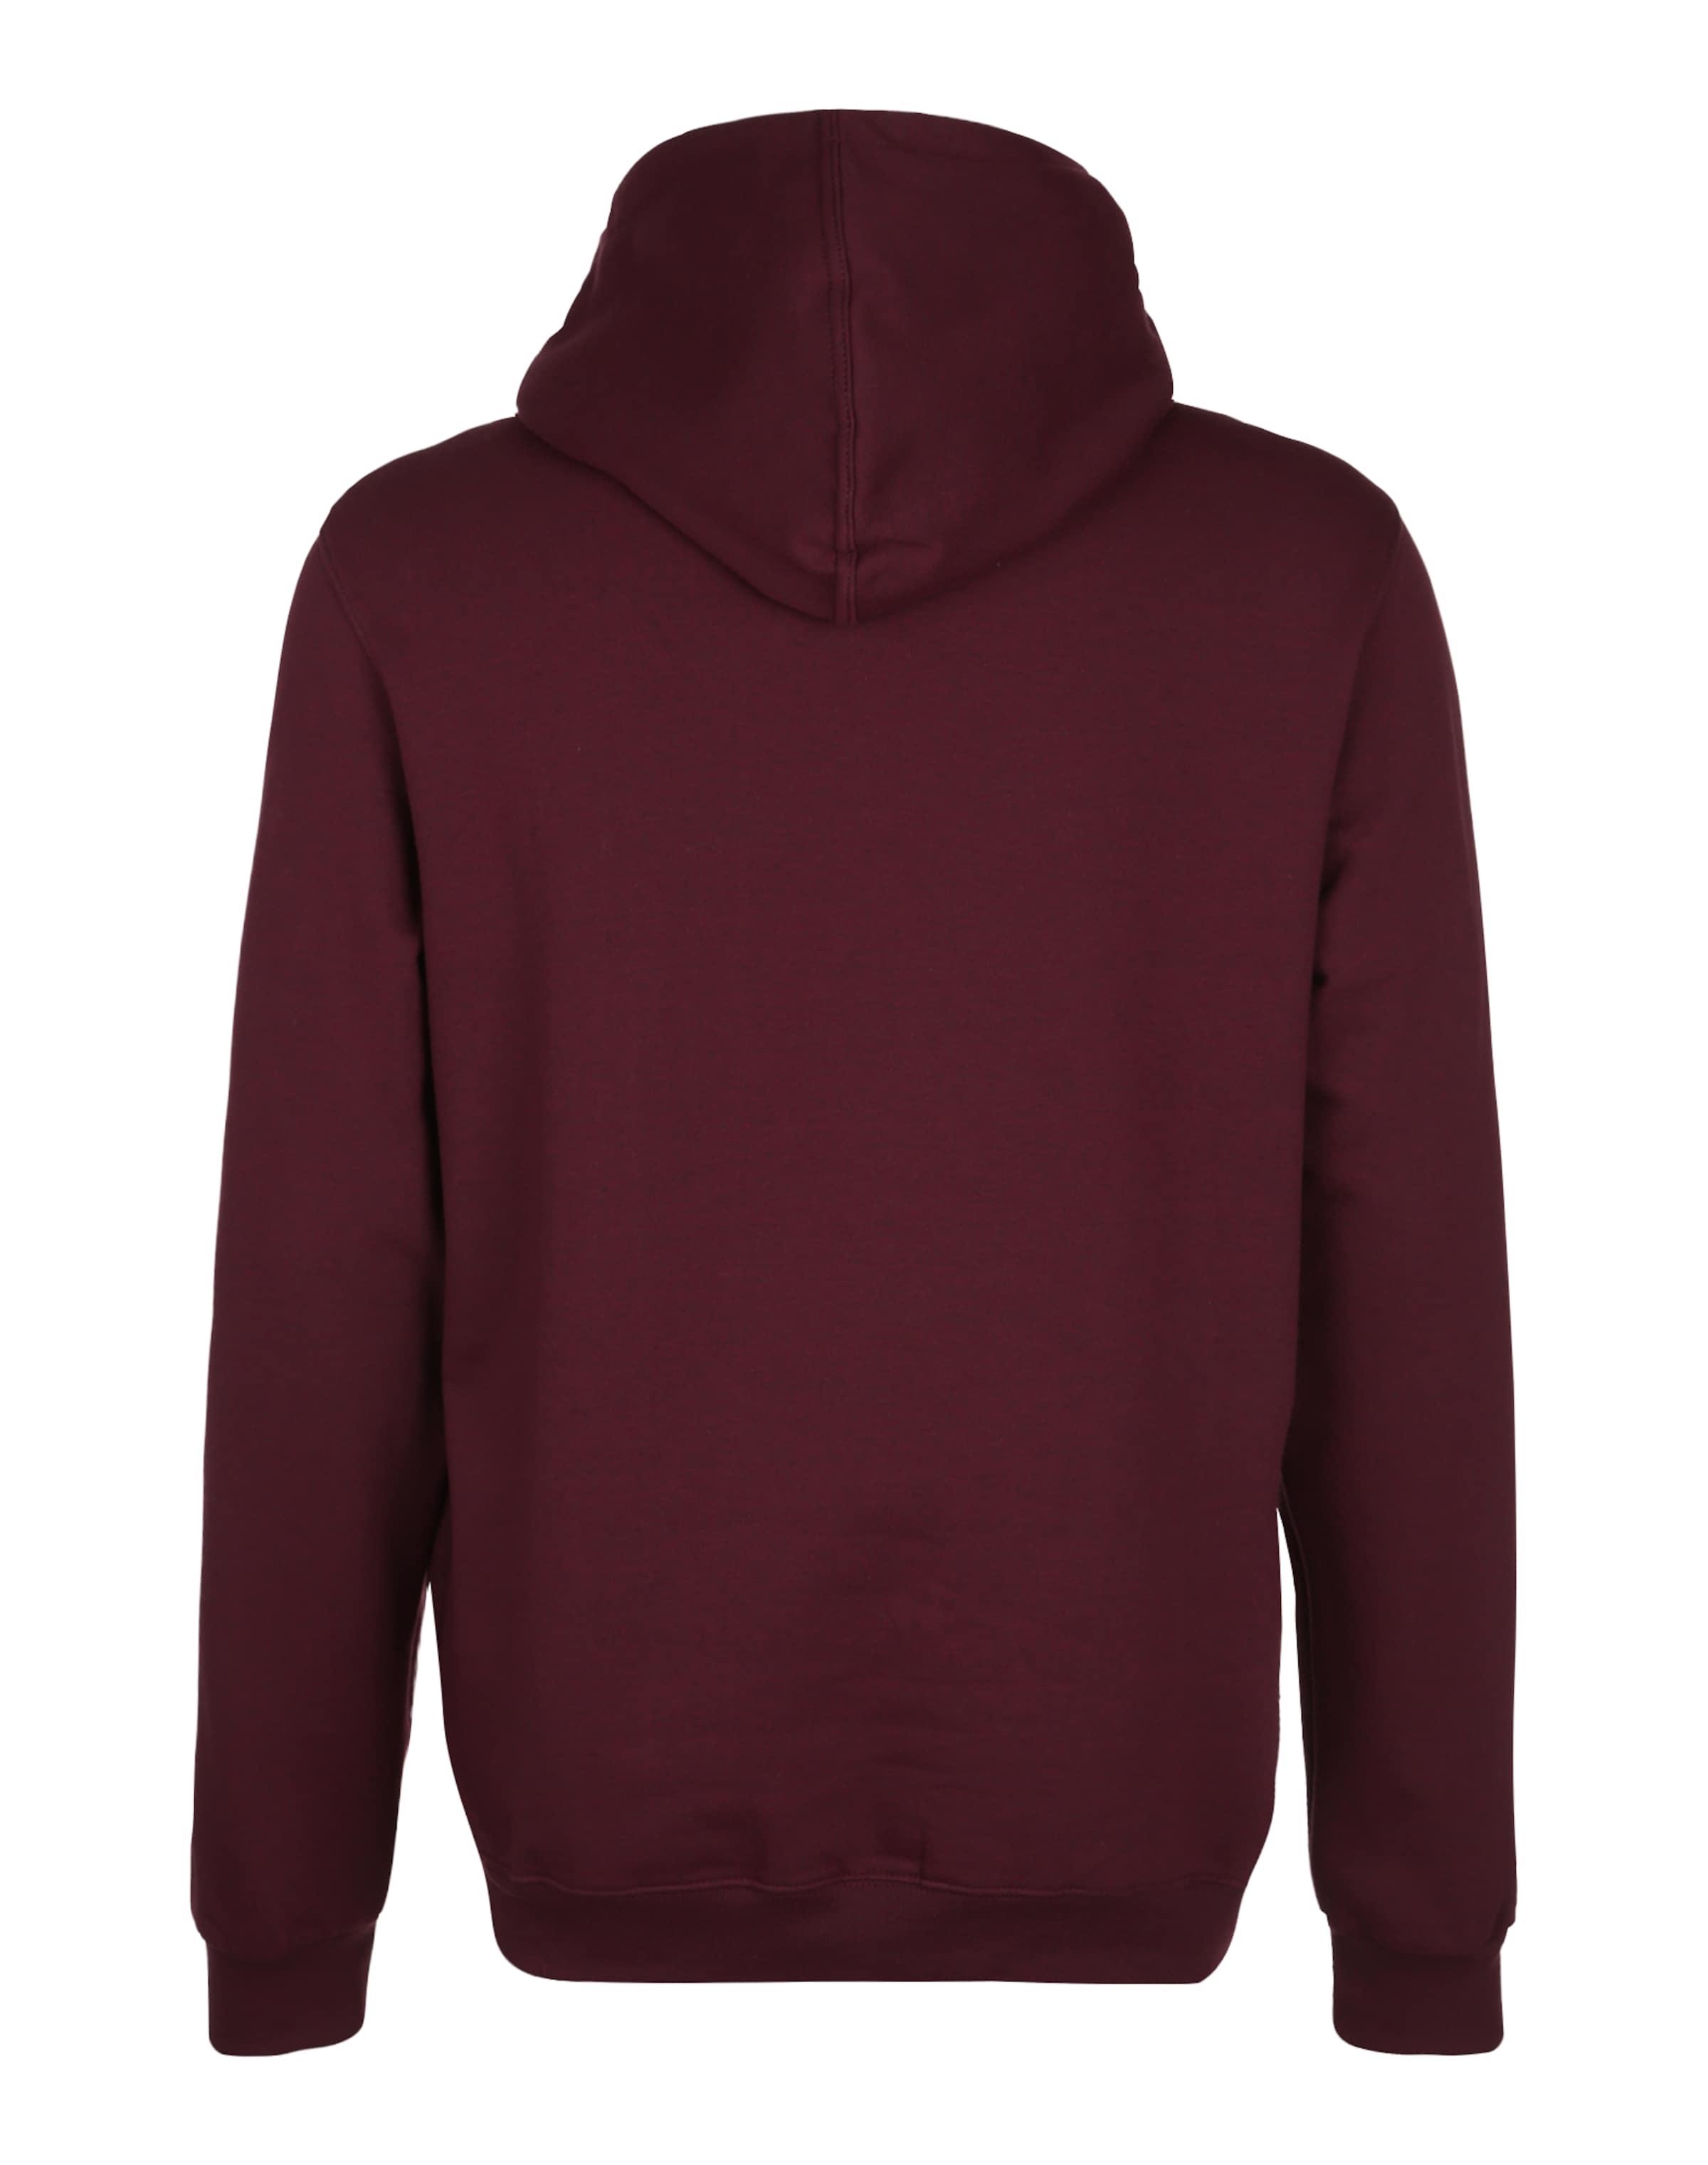 Auslass Gut Verkaufen Ausgezeichnet Iriedaily Kapuzen-Sweatshirt 'Daily Flag' Zum Verkauf Footlocker Verkauf Hochwertige dHYeV